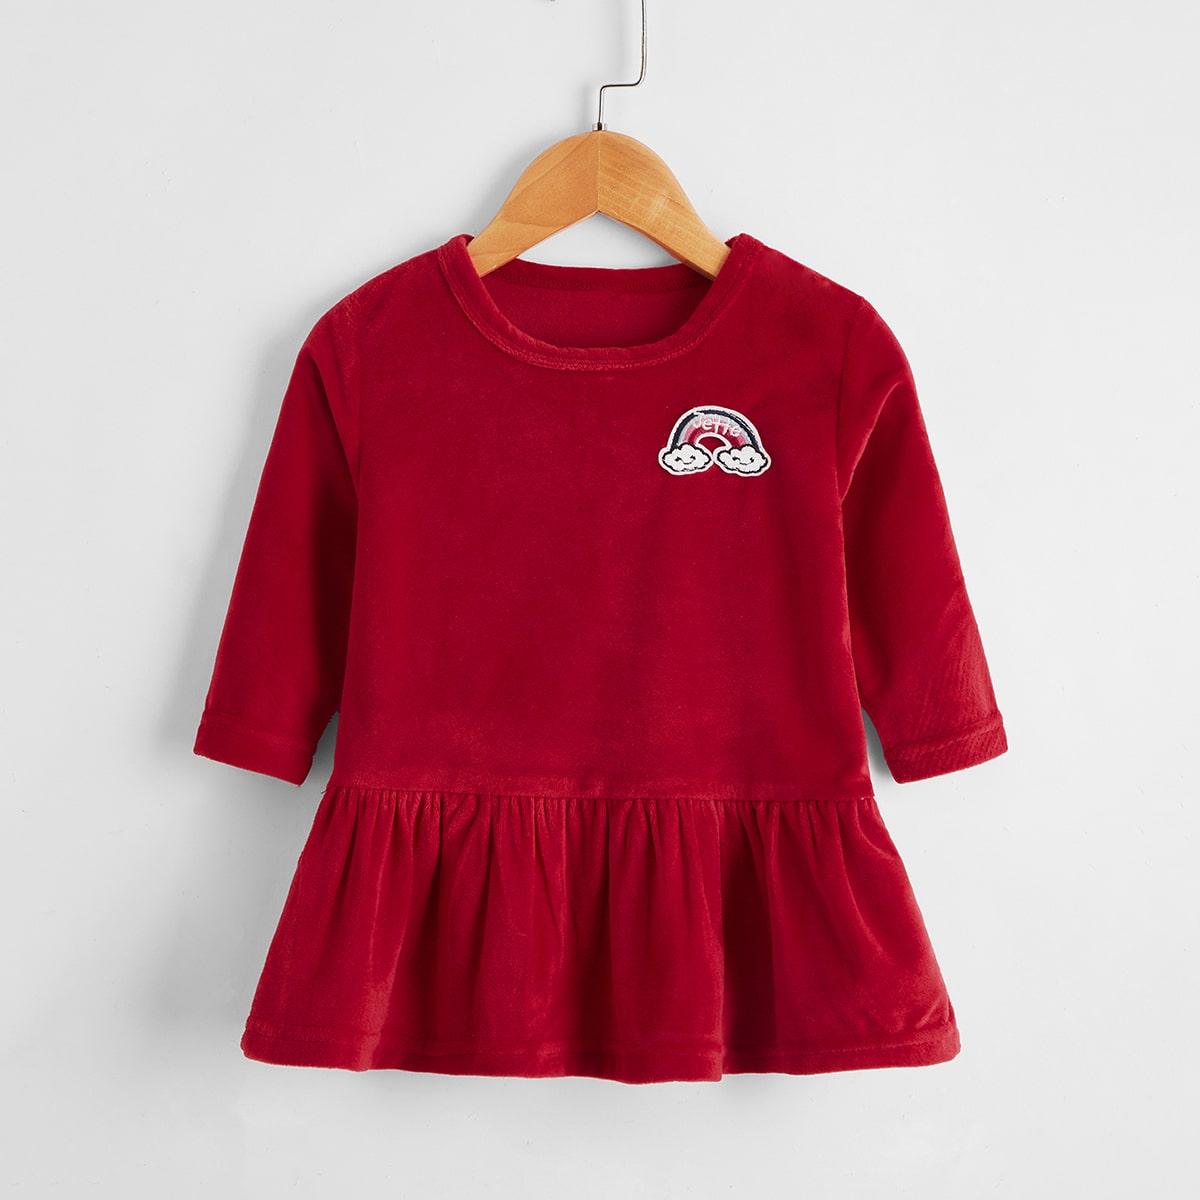 shein Casual Spotprent Baby-jurk Borduurwerk